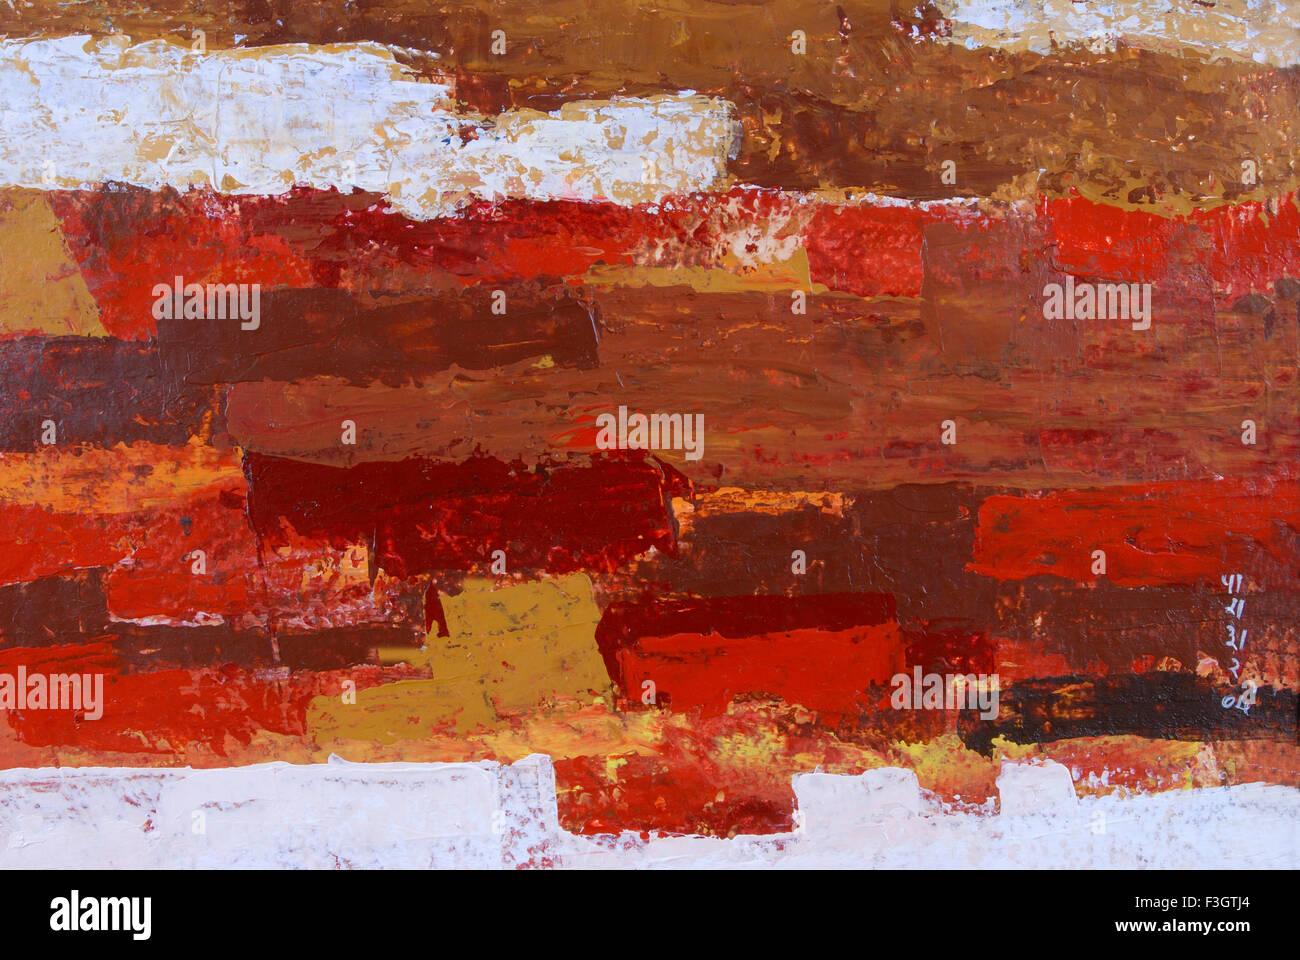 Impression de ville de Jaipur couleurs acryliques sur papier fait main Photo Stock